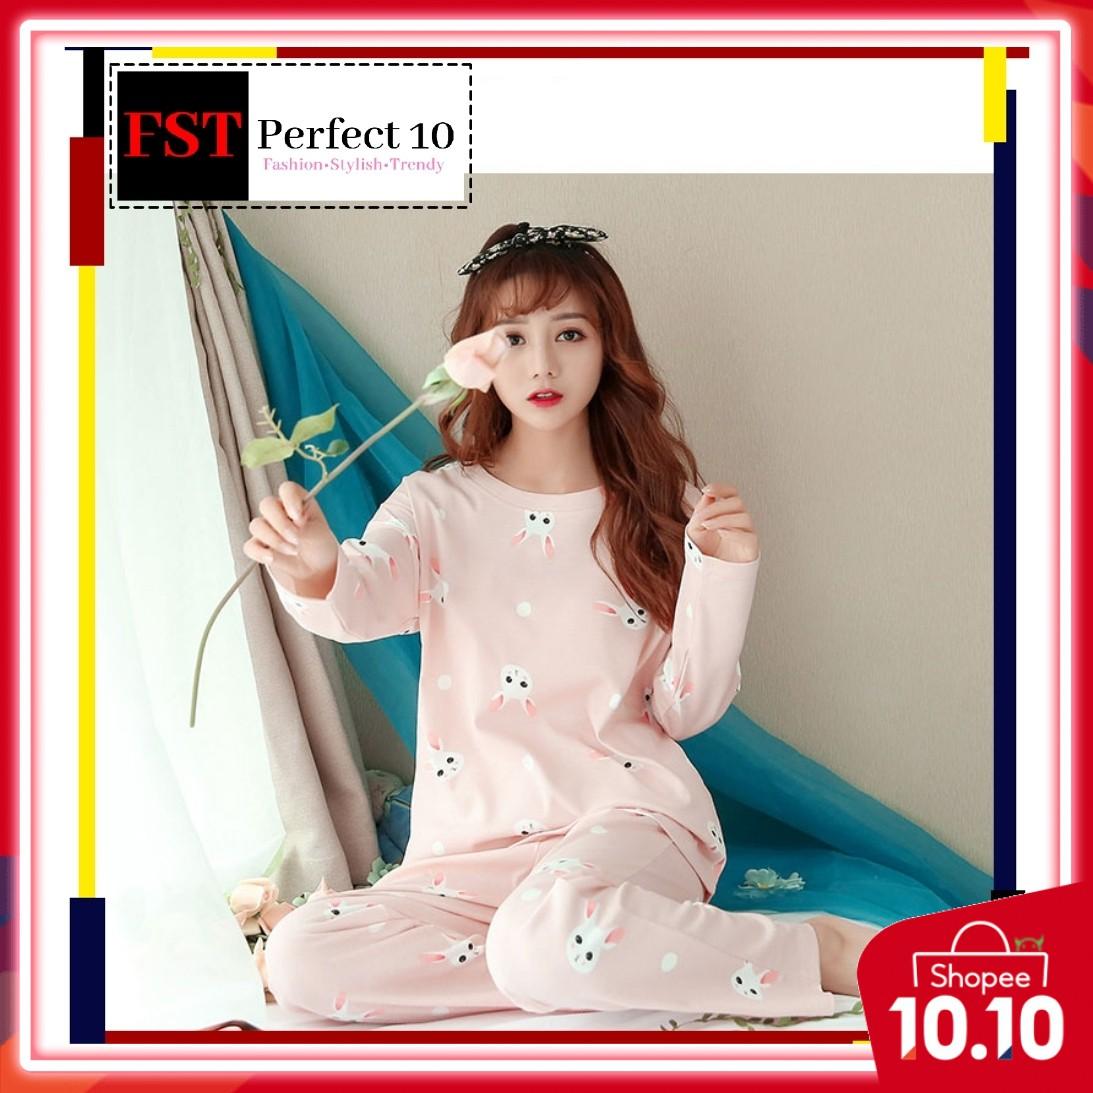 FST Silk Fabric Long Sleeve and Long Pant Pink Rabbit Pyjamas / Set Baju Tidur Elegant design [6046]